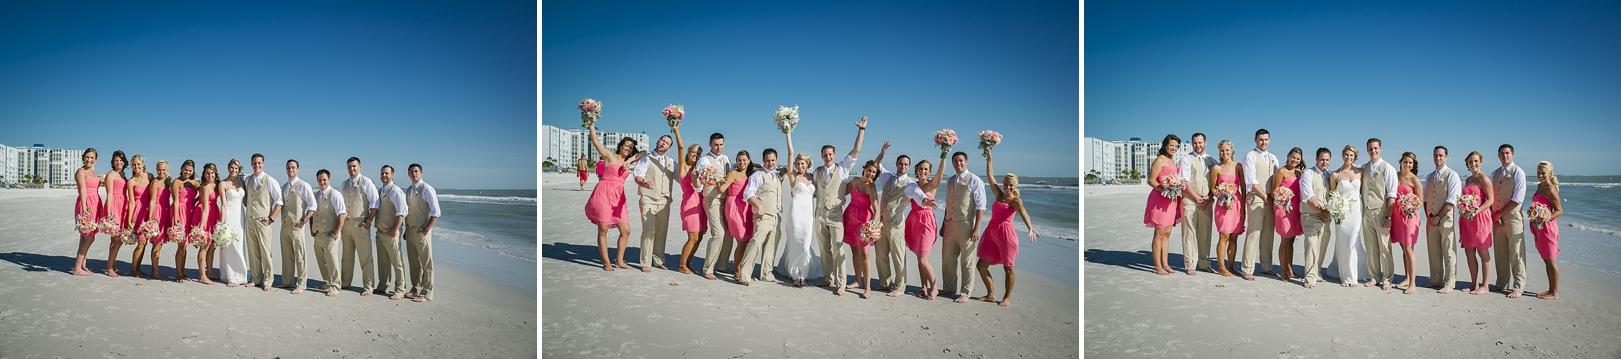 sirata beach wedding photos bridal party fun